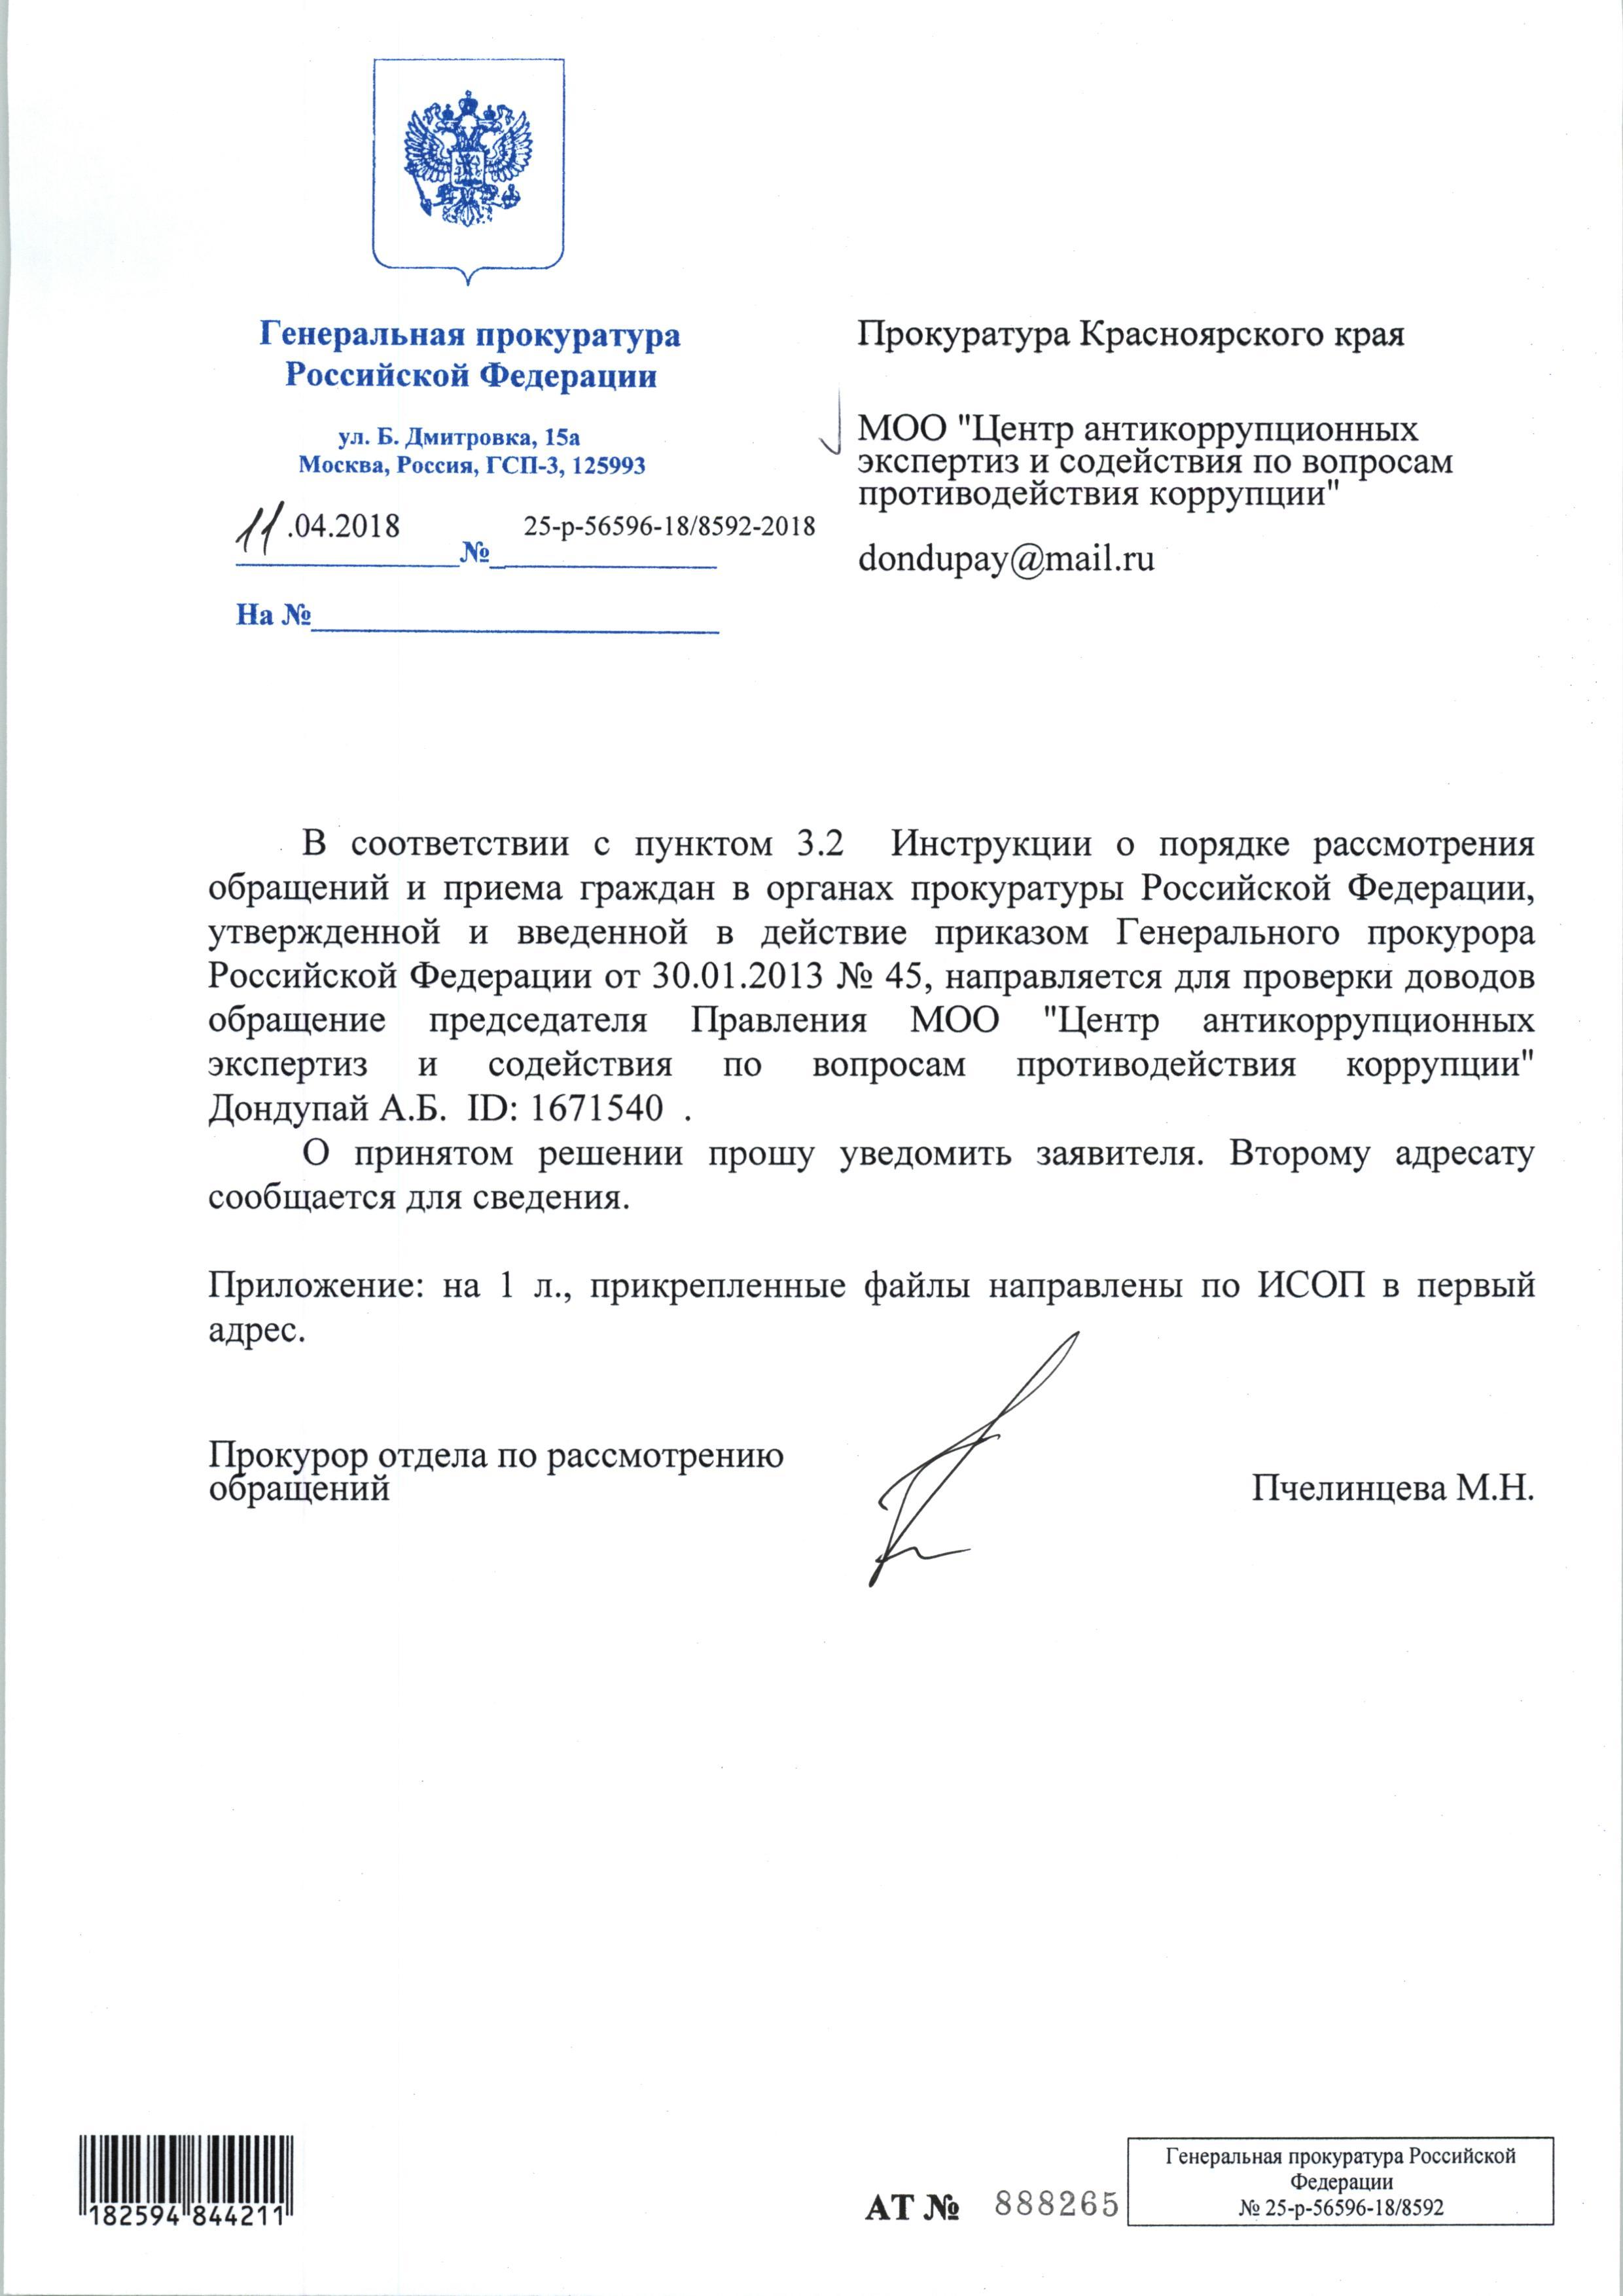 Борьба с коррупцией и реакция генеральной прокуратуры рф и фсб.